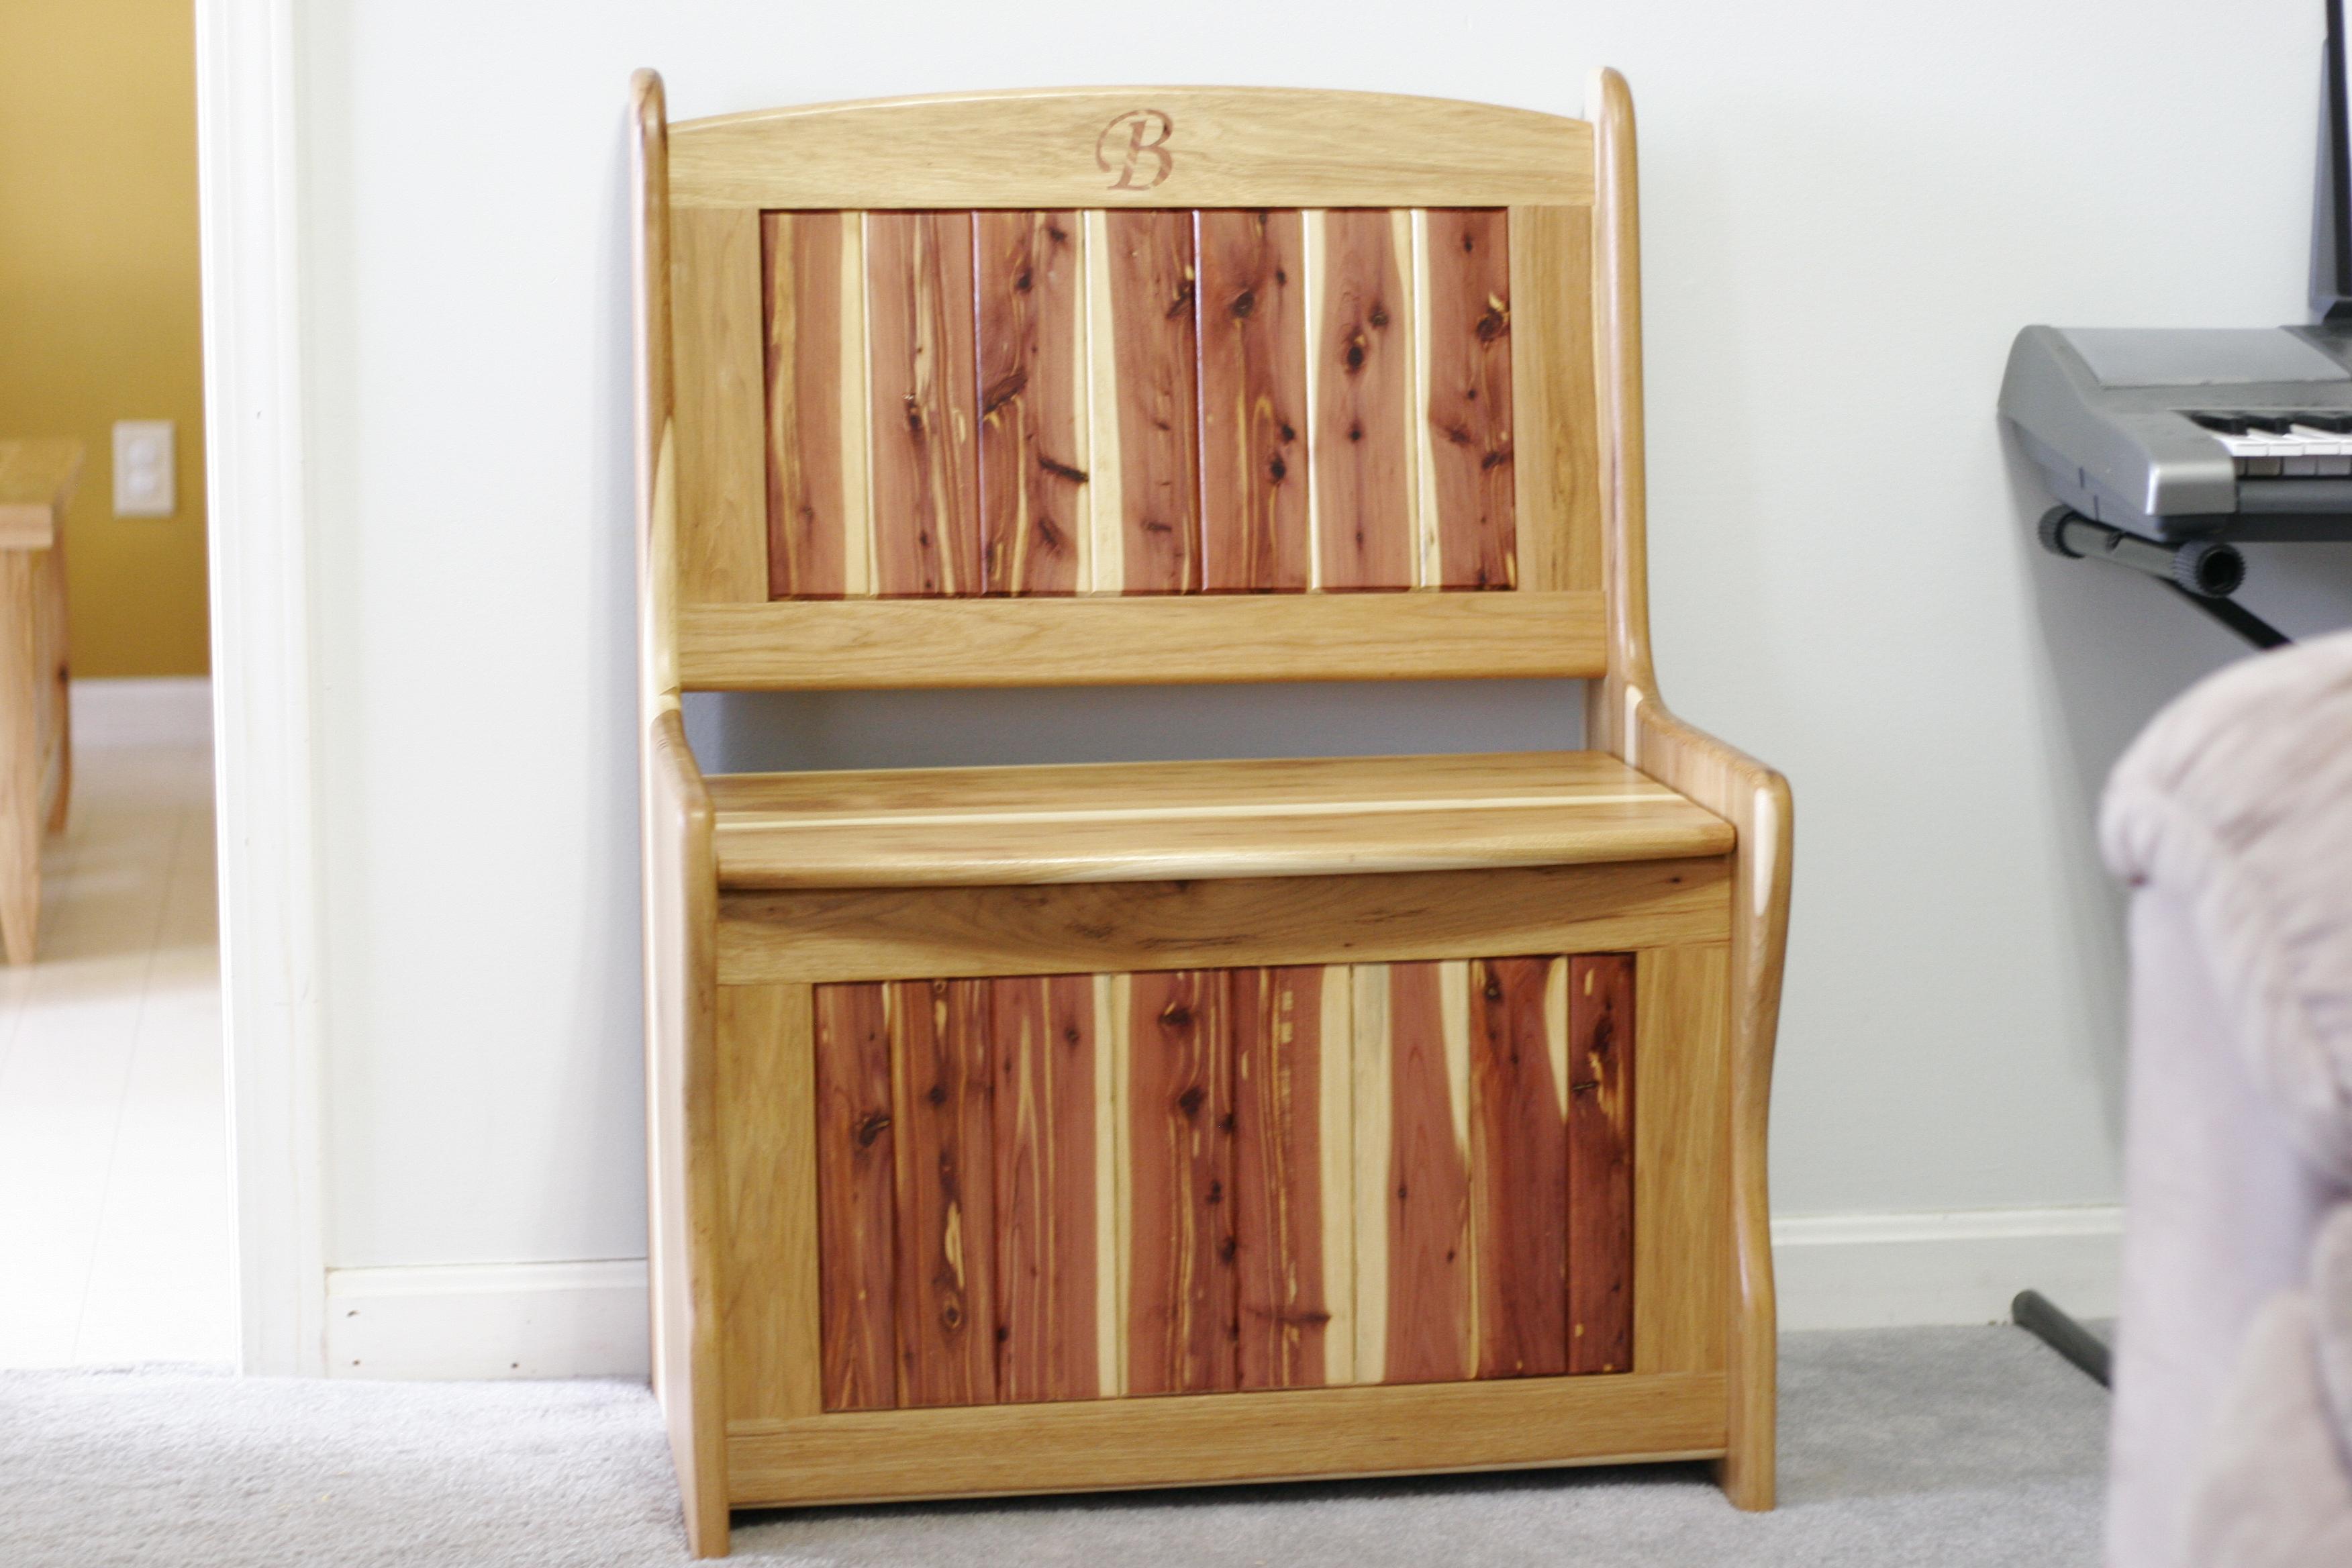 Hickory and Cedar storage bench